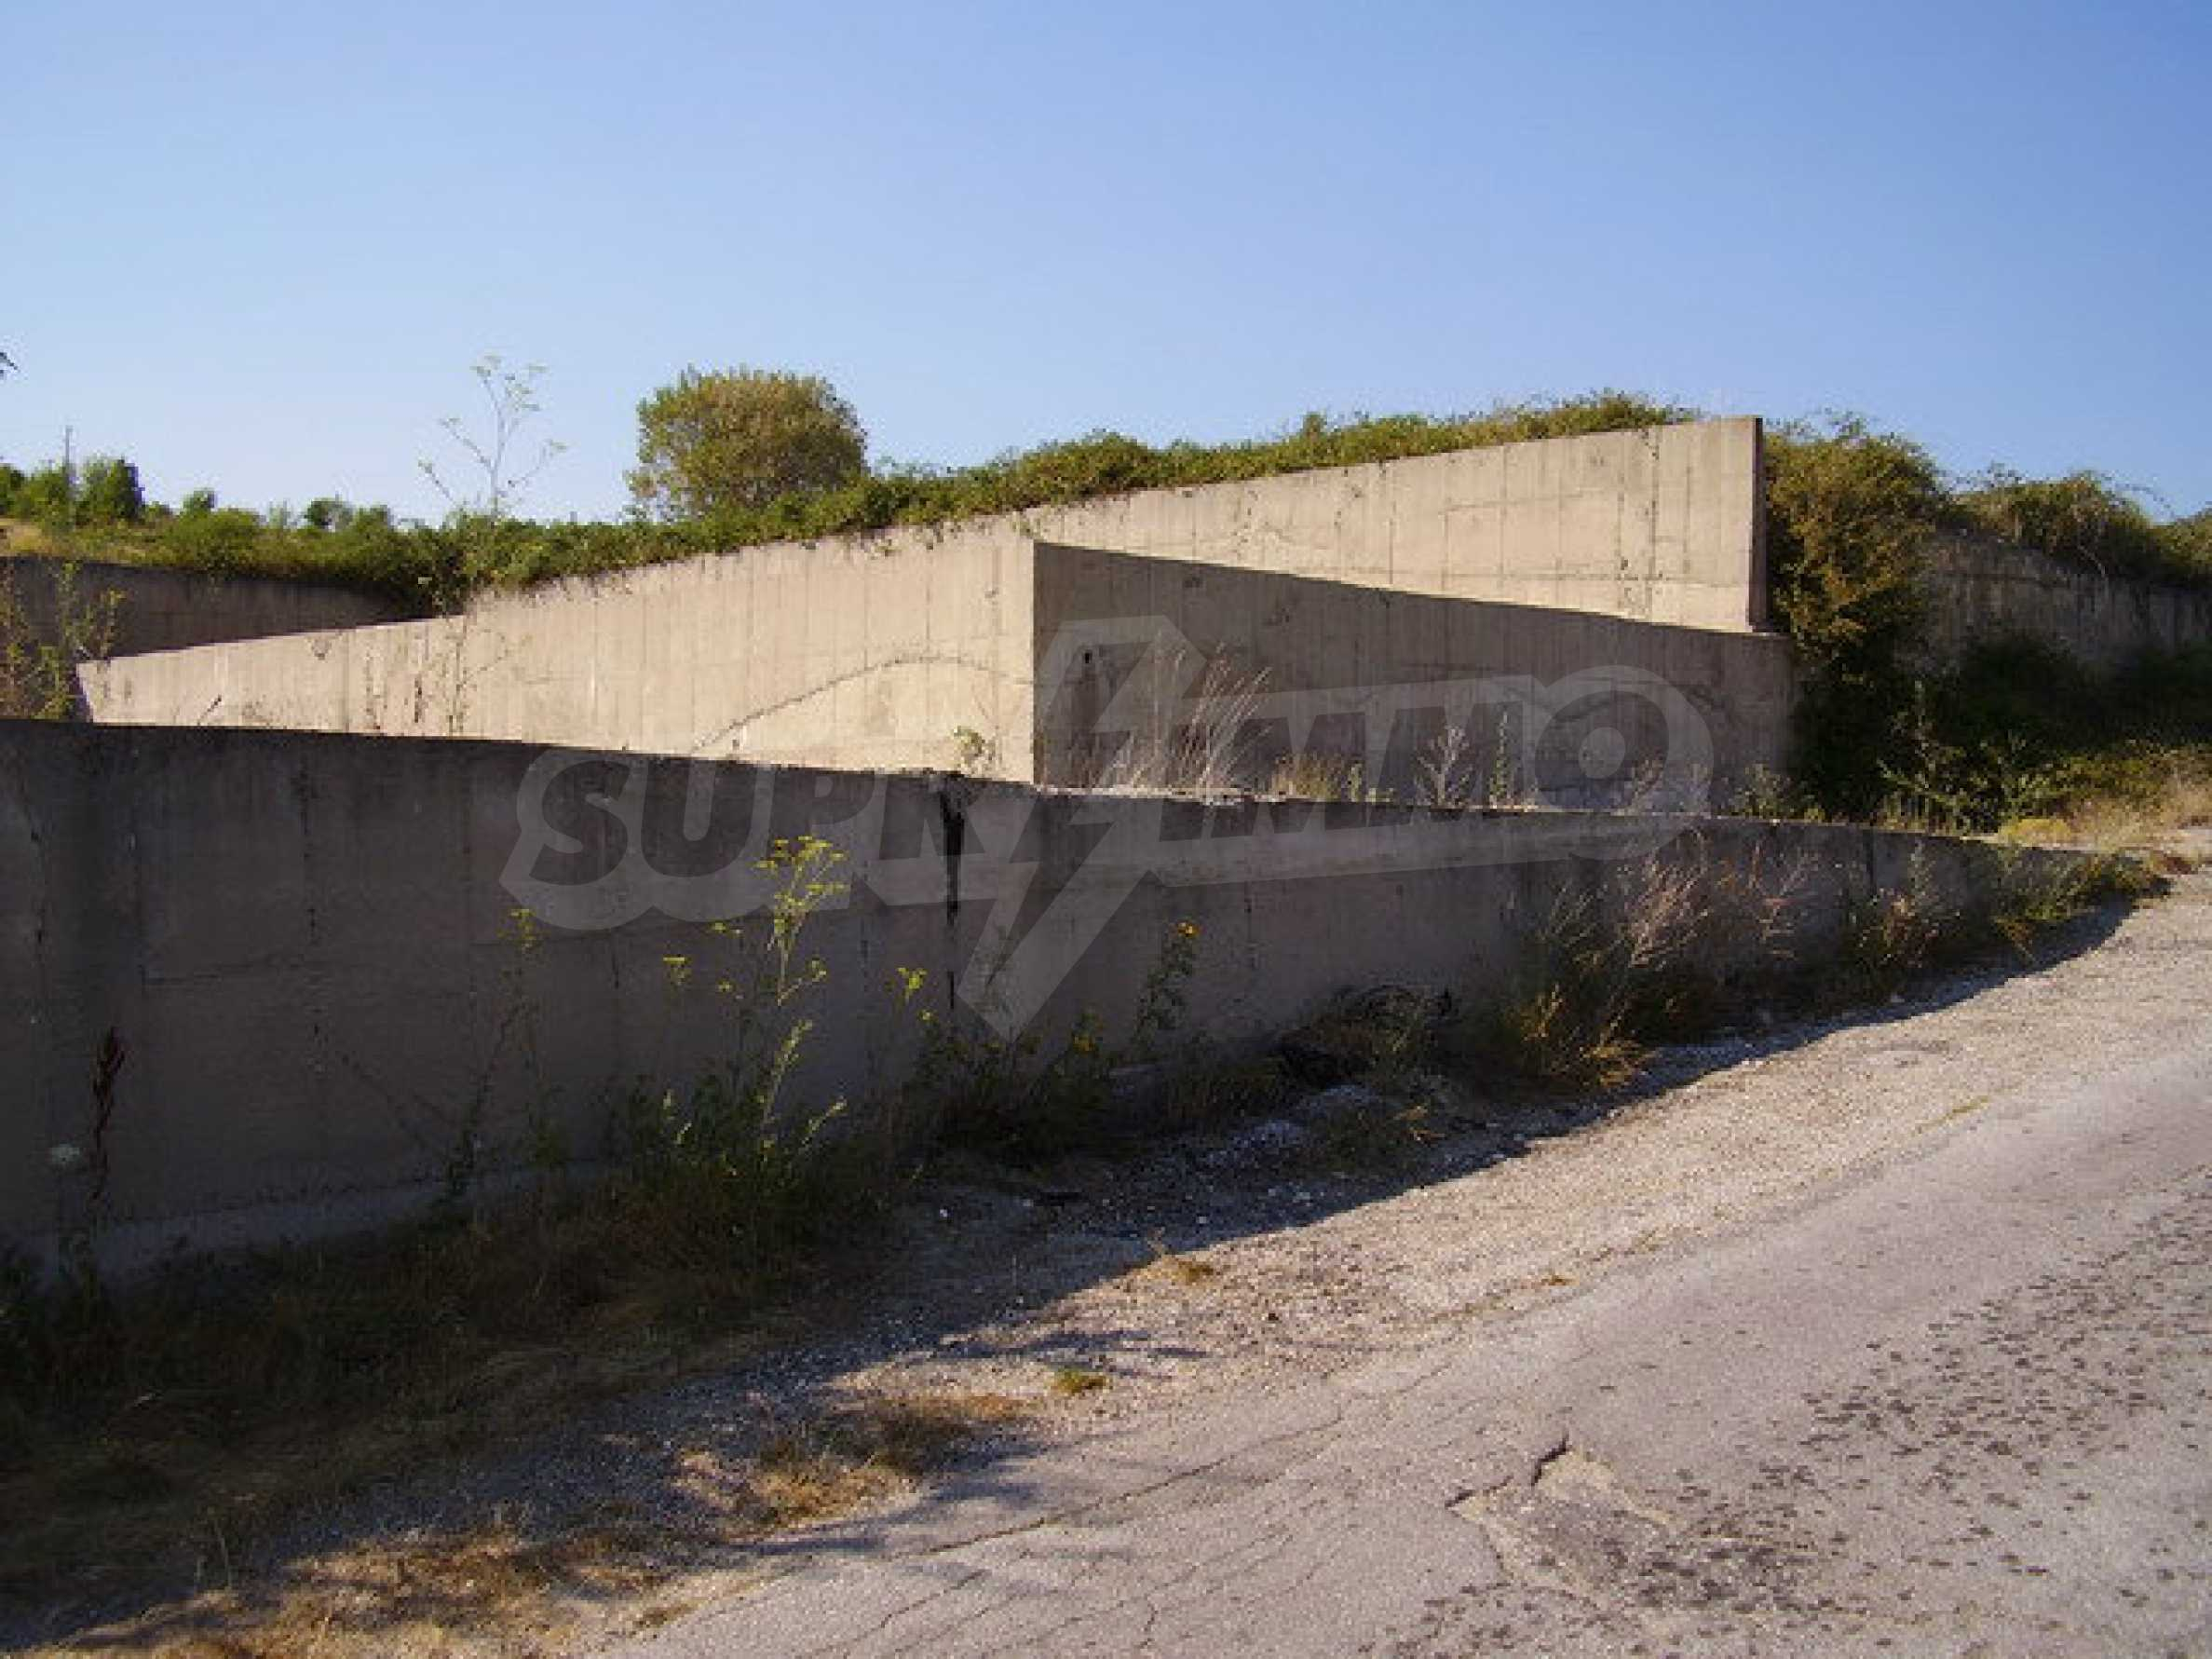 Земельный участок с прекрасным видом, пригодный для дачного поселка, вблизи города Трявна 4